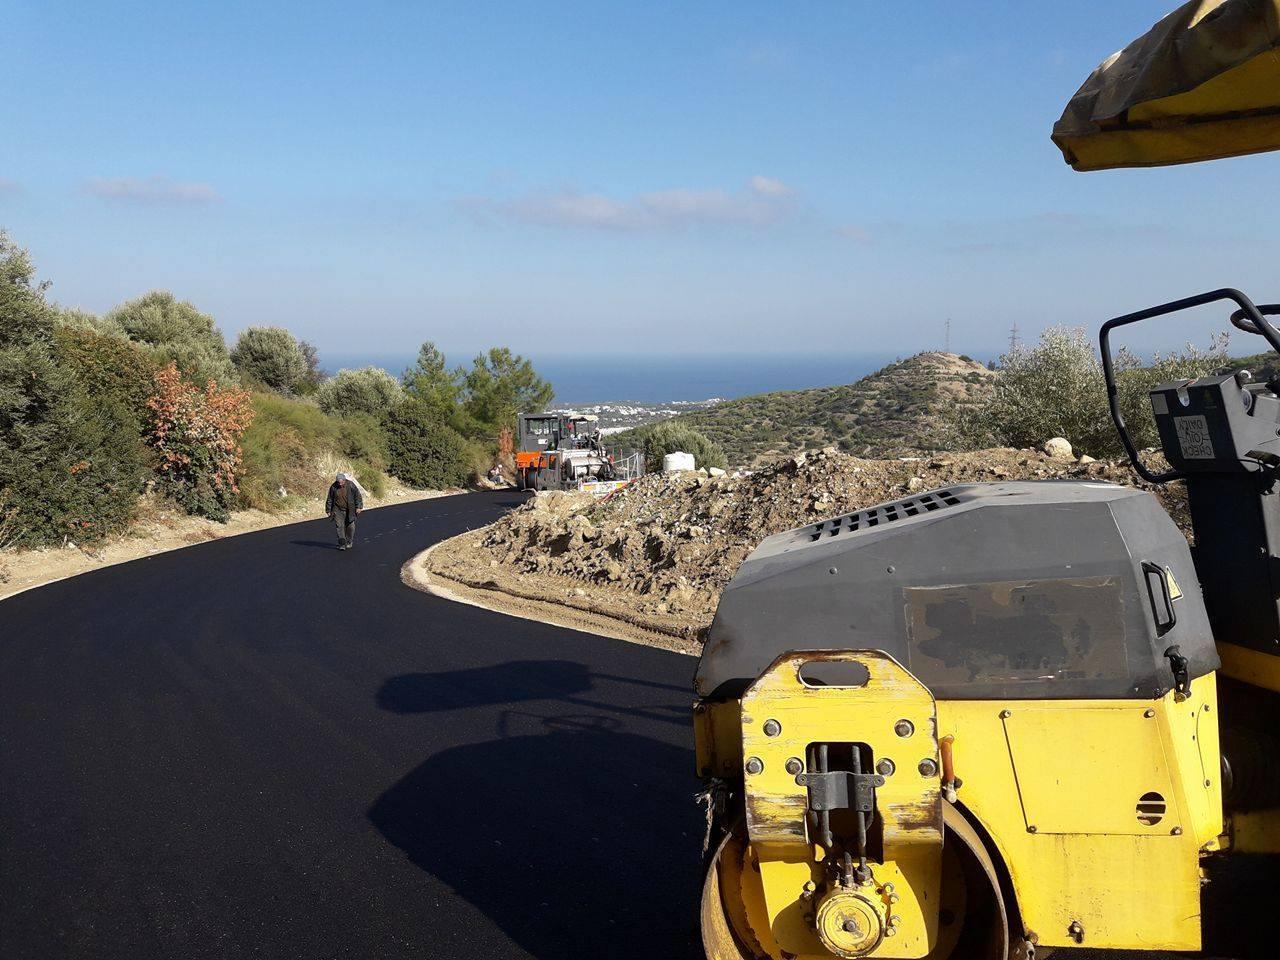 Муниципалитет Кирении продолжает работу по ремонту и строительству дорог.